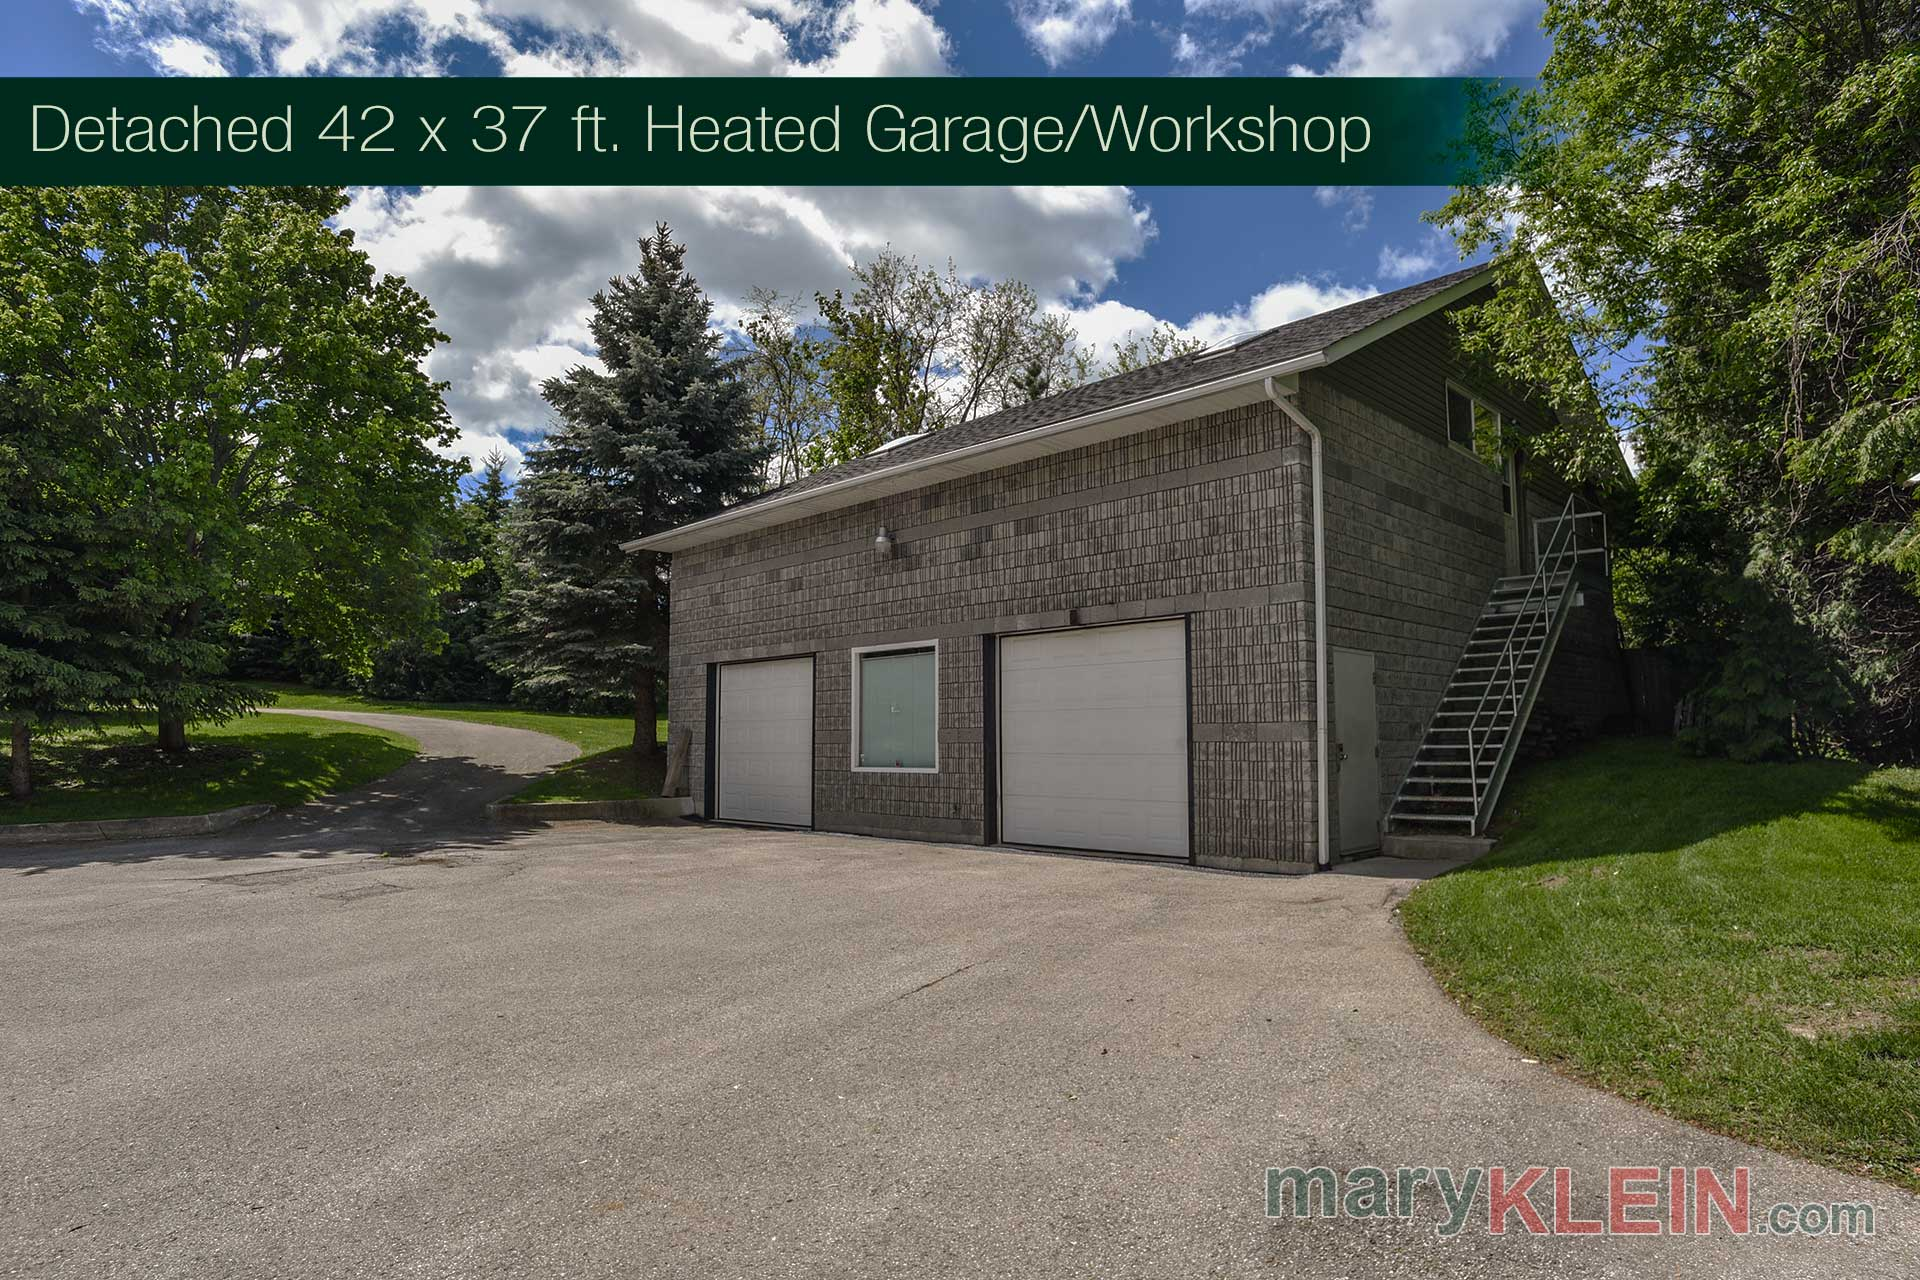 Detached Workshop, Garage, Man Cave,